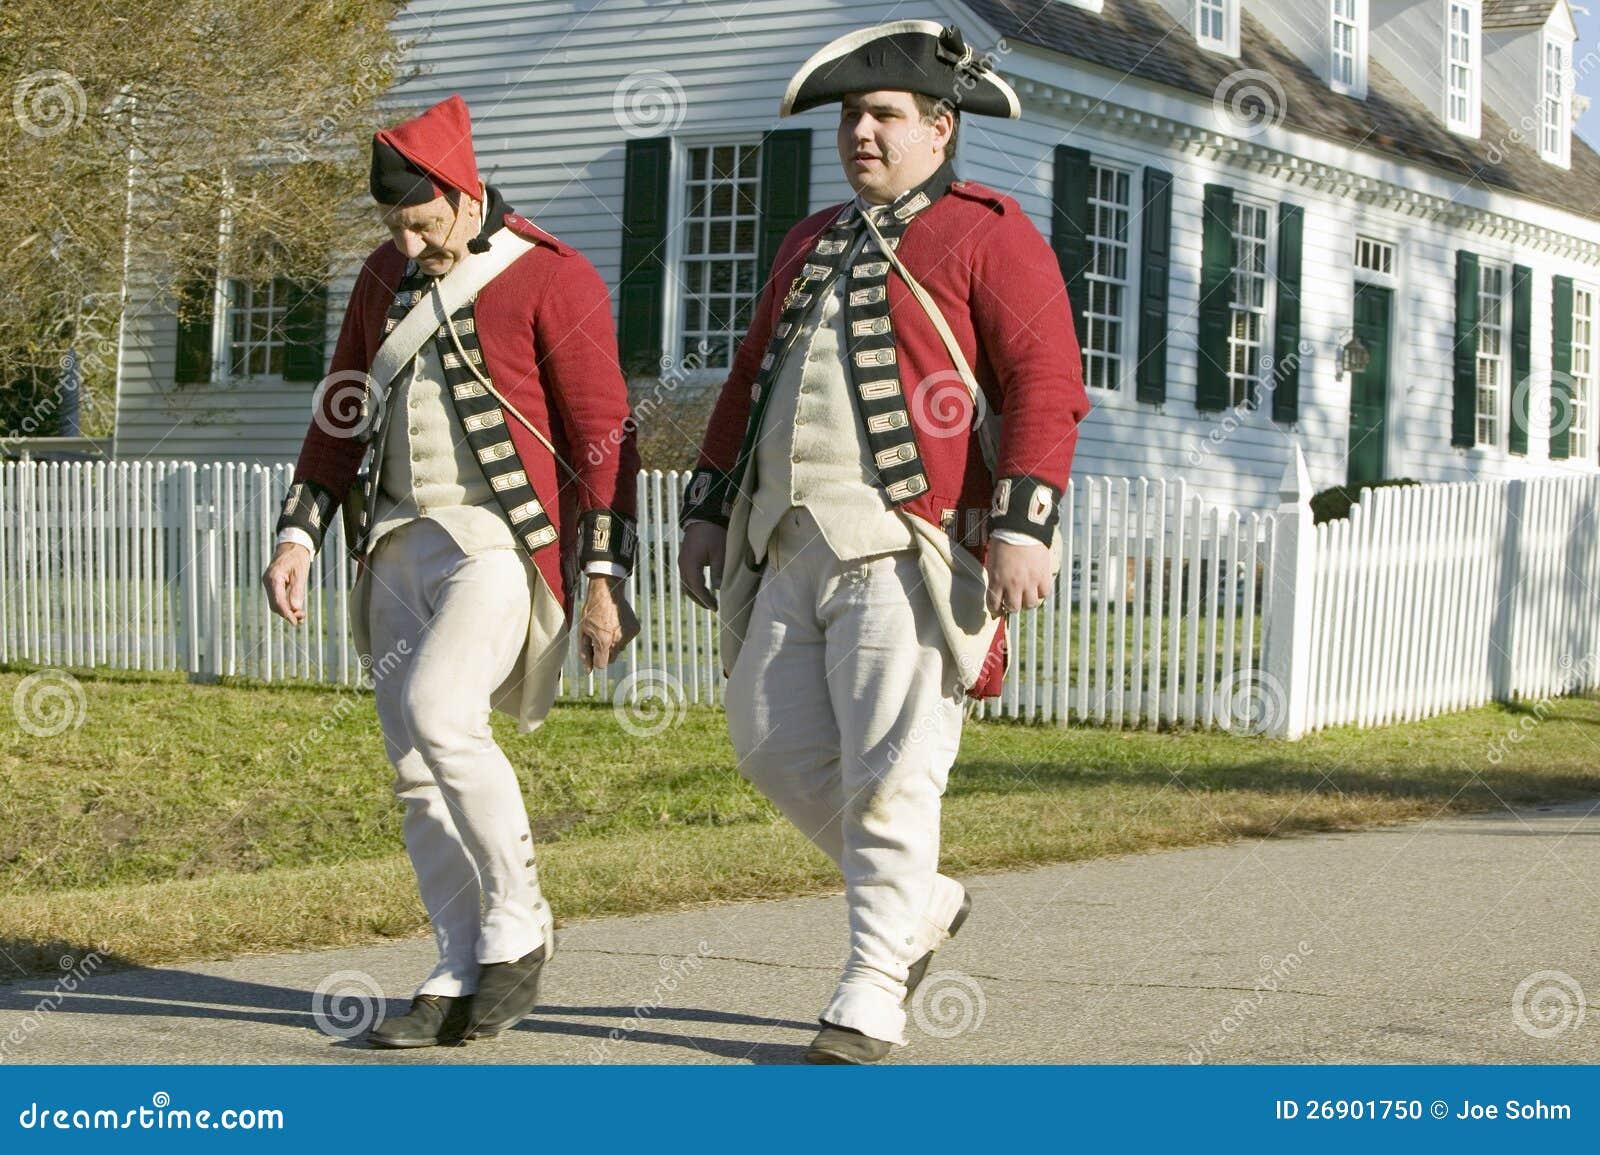 British soldiers walk